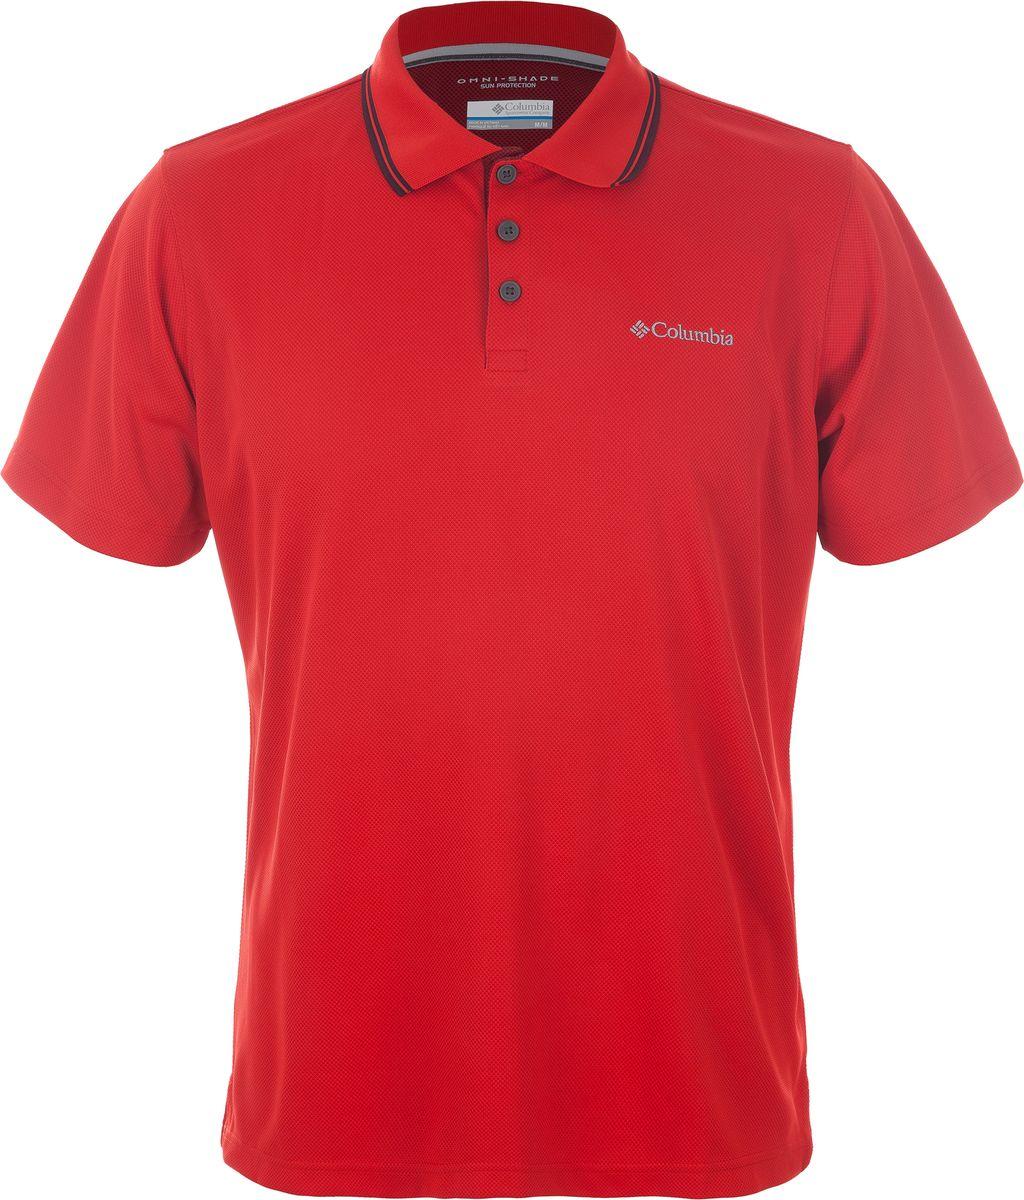 Поло мужское Columbia Utilizer Polo, цвет: красный. 1772051-696. Размер XXL (56/58) футболка поло columbia